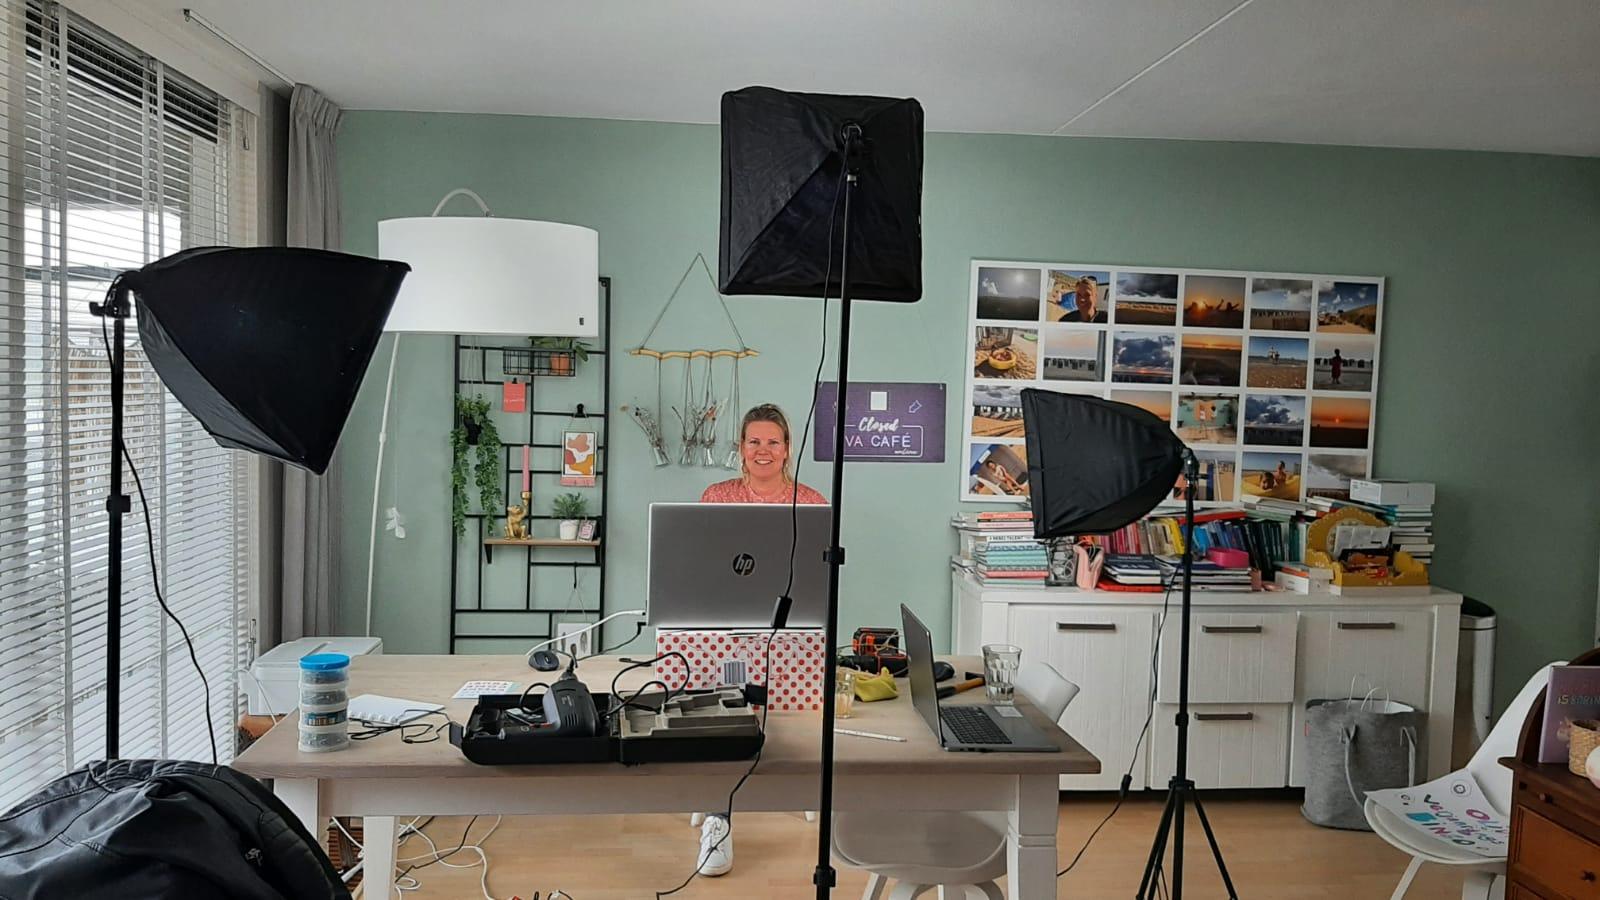 Hannekes favourites gadgets Studio Lampenset